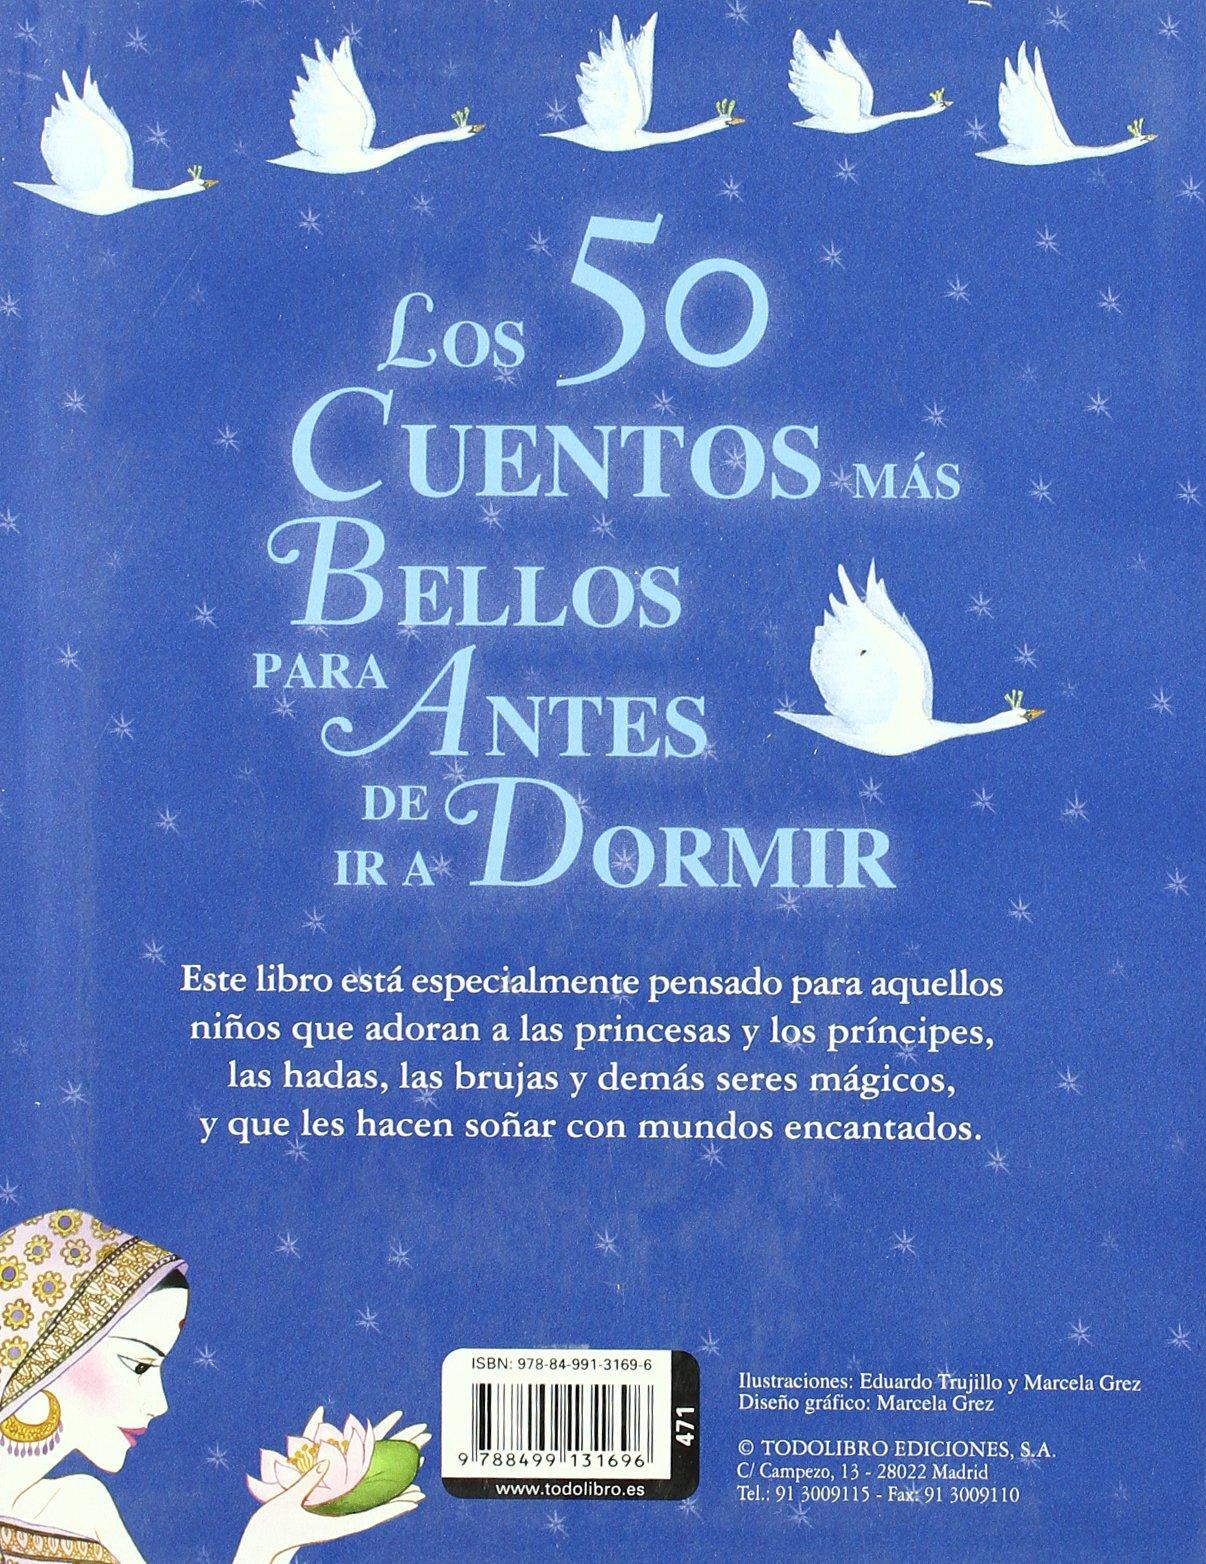 Los 50 cuentos más bellos para antes de ir a dormir (Mis primeros libros) (Spanish  Edition): S. A. Susaeta Ediciones: 9788499131696: Amazon.com: Books